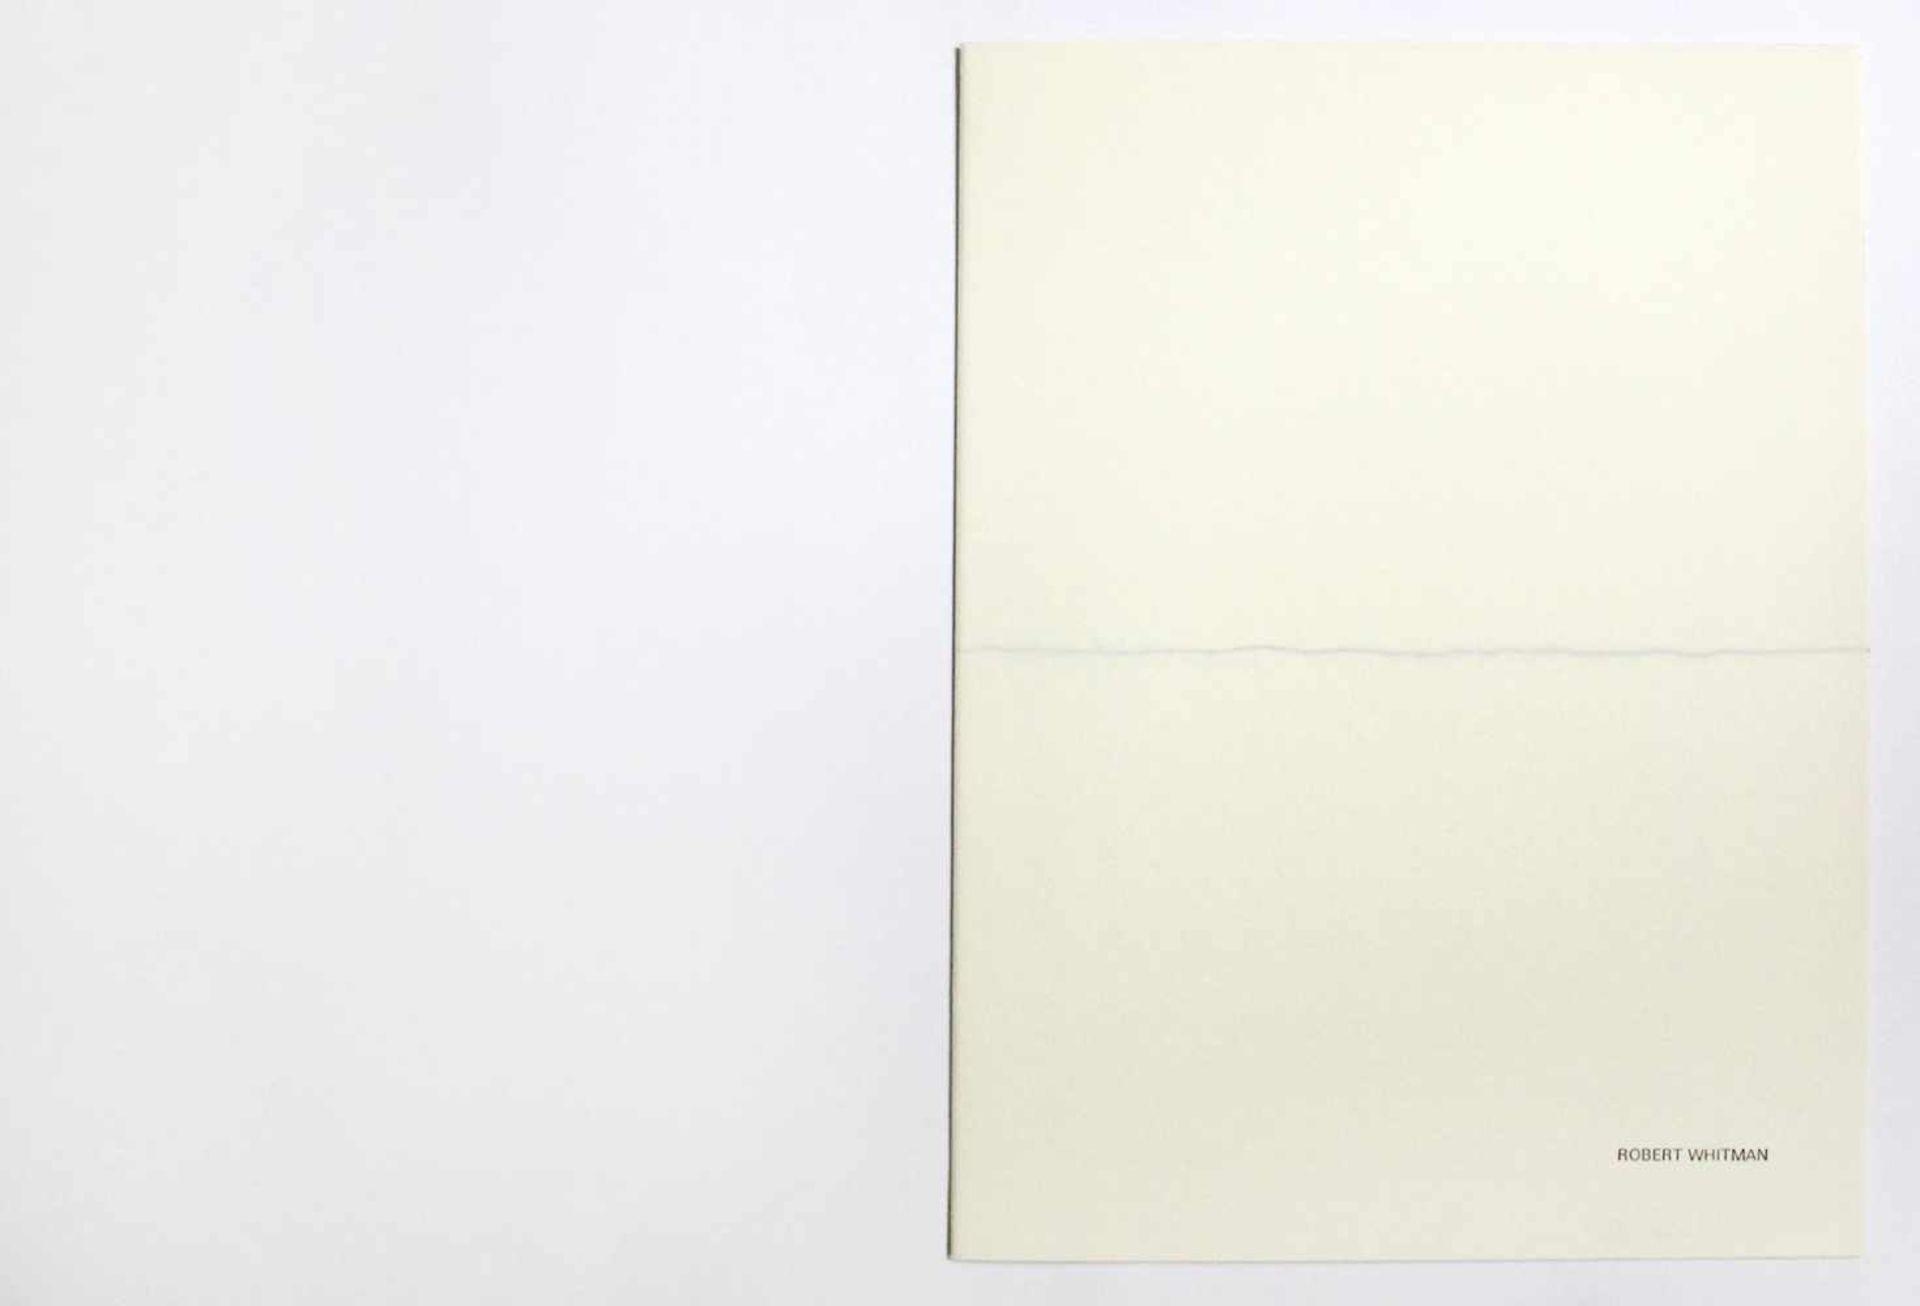 """Robert Witman geb. 1935 o.T. 1973 Lithographie auf Papier, beidseitig bedruckt aus dem Portfolio """""""